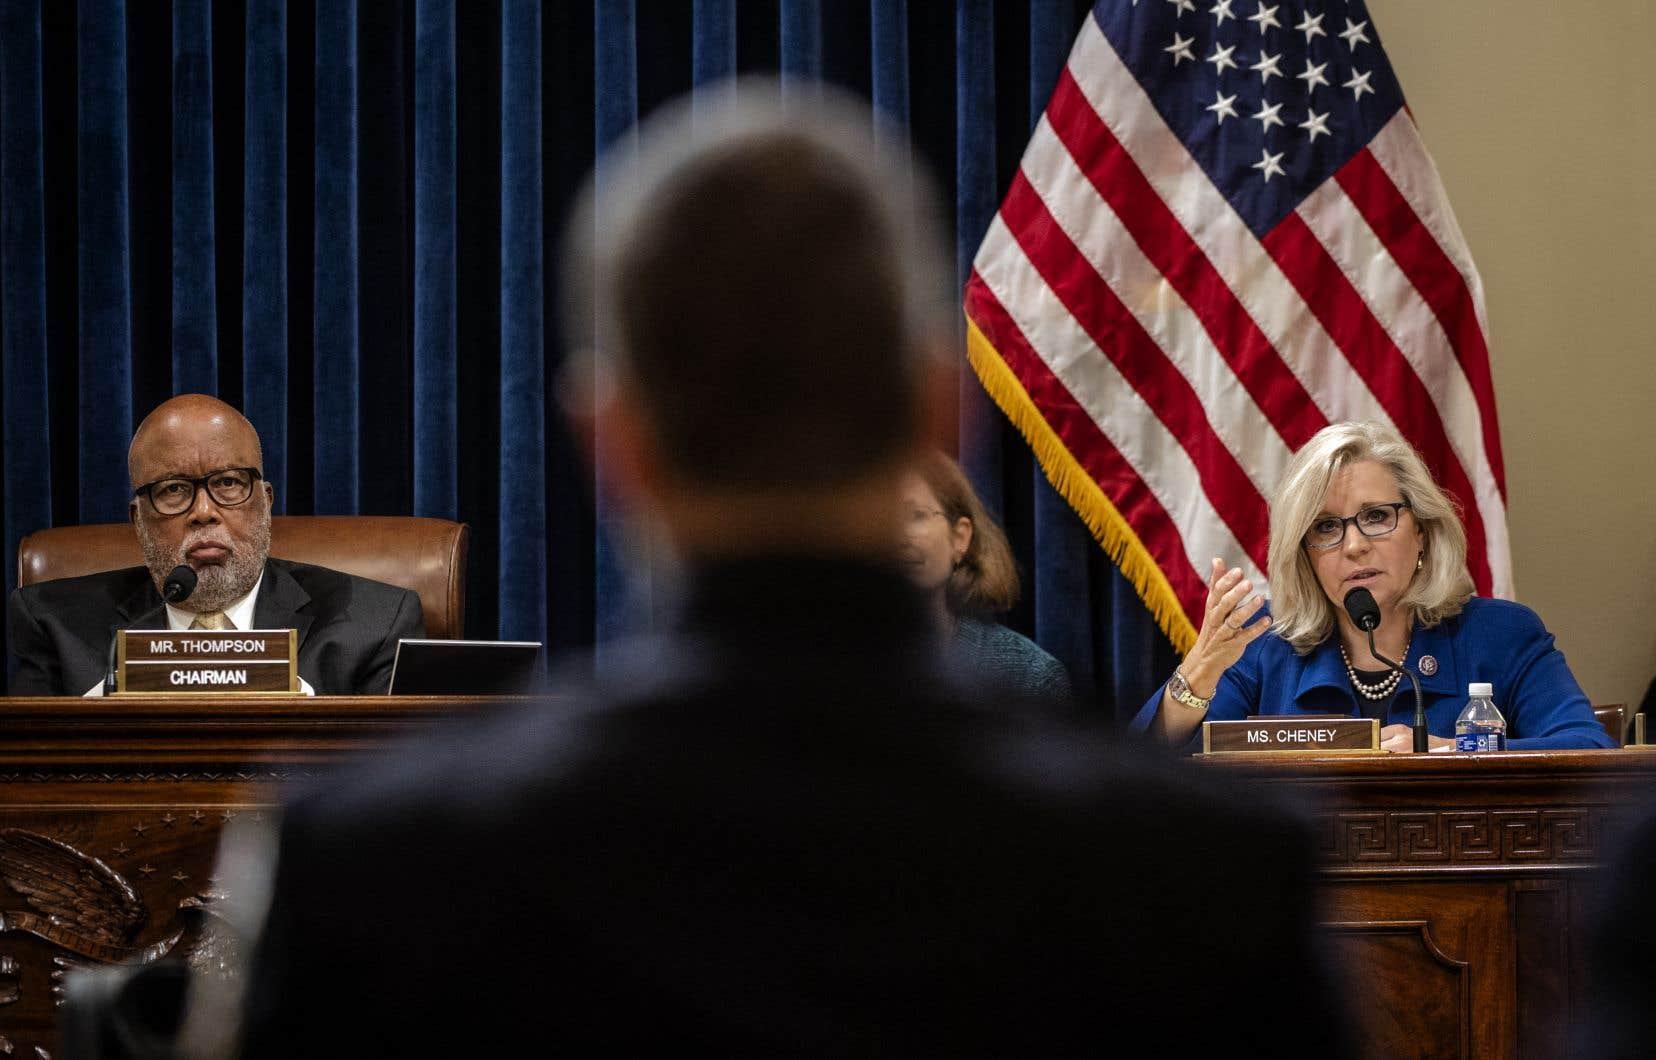 L'élu démocrate Bennie Thompson, qui dirige les travaux, etsa consœur républicaine Liz Cheney, écoutent un témoignage.